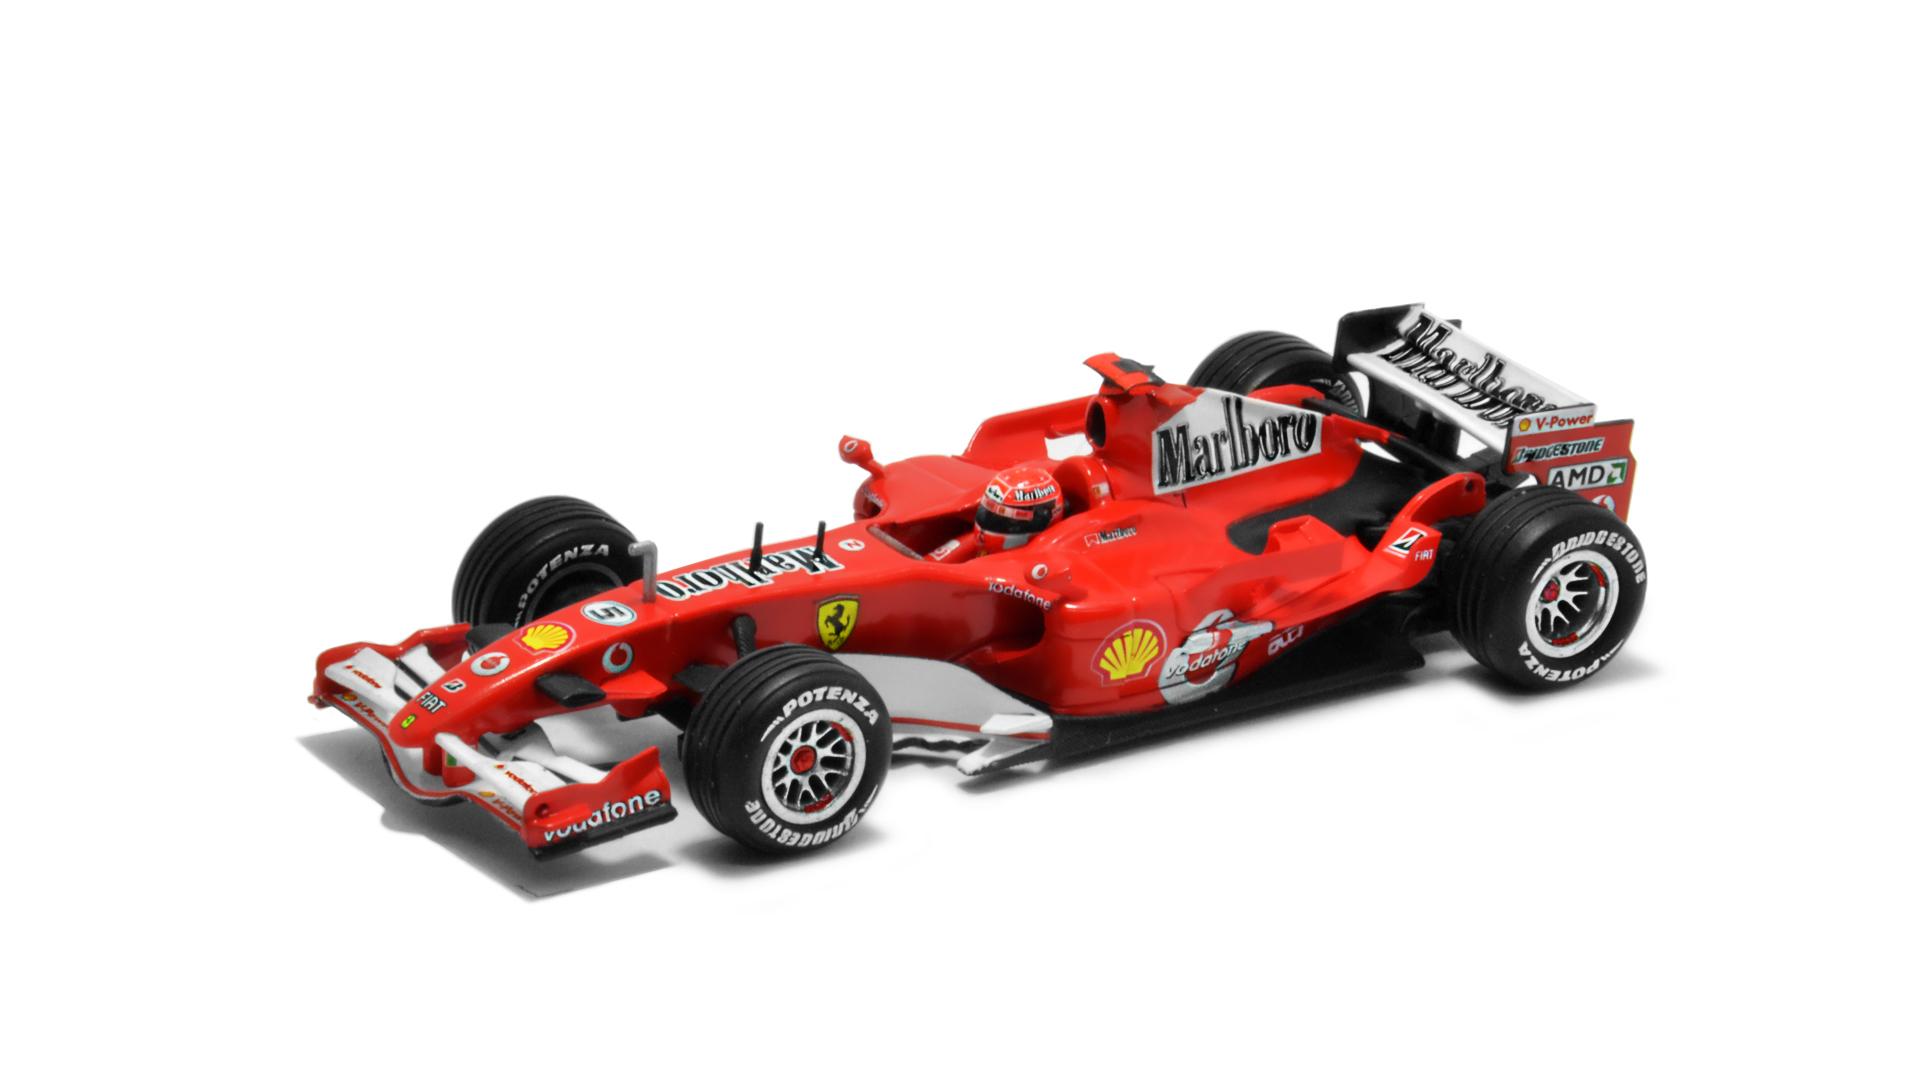 Év: 2006<br />Modell: 248 F1<br />Gyártó: Hot Wheels<br />Pilóta: Michael Schumacher